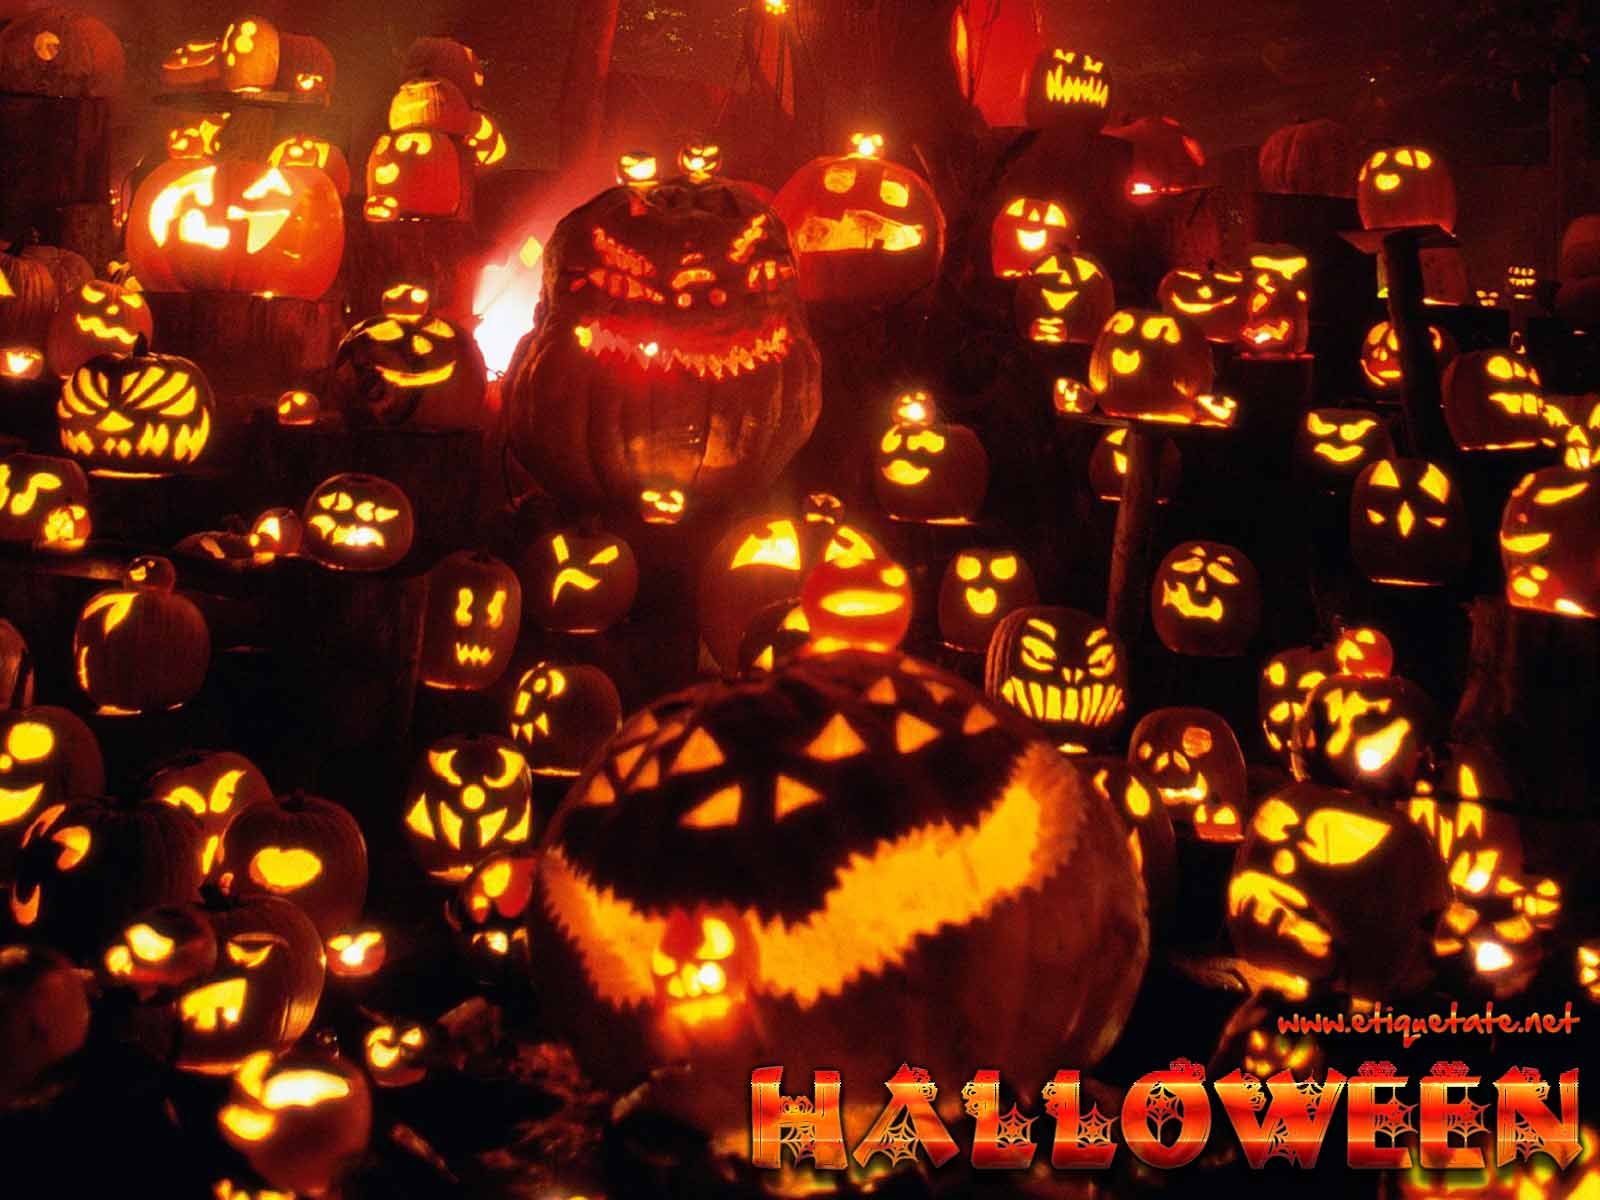 Halloween - Imágenes para compartir en las Redes Sociales